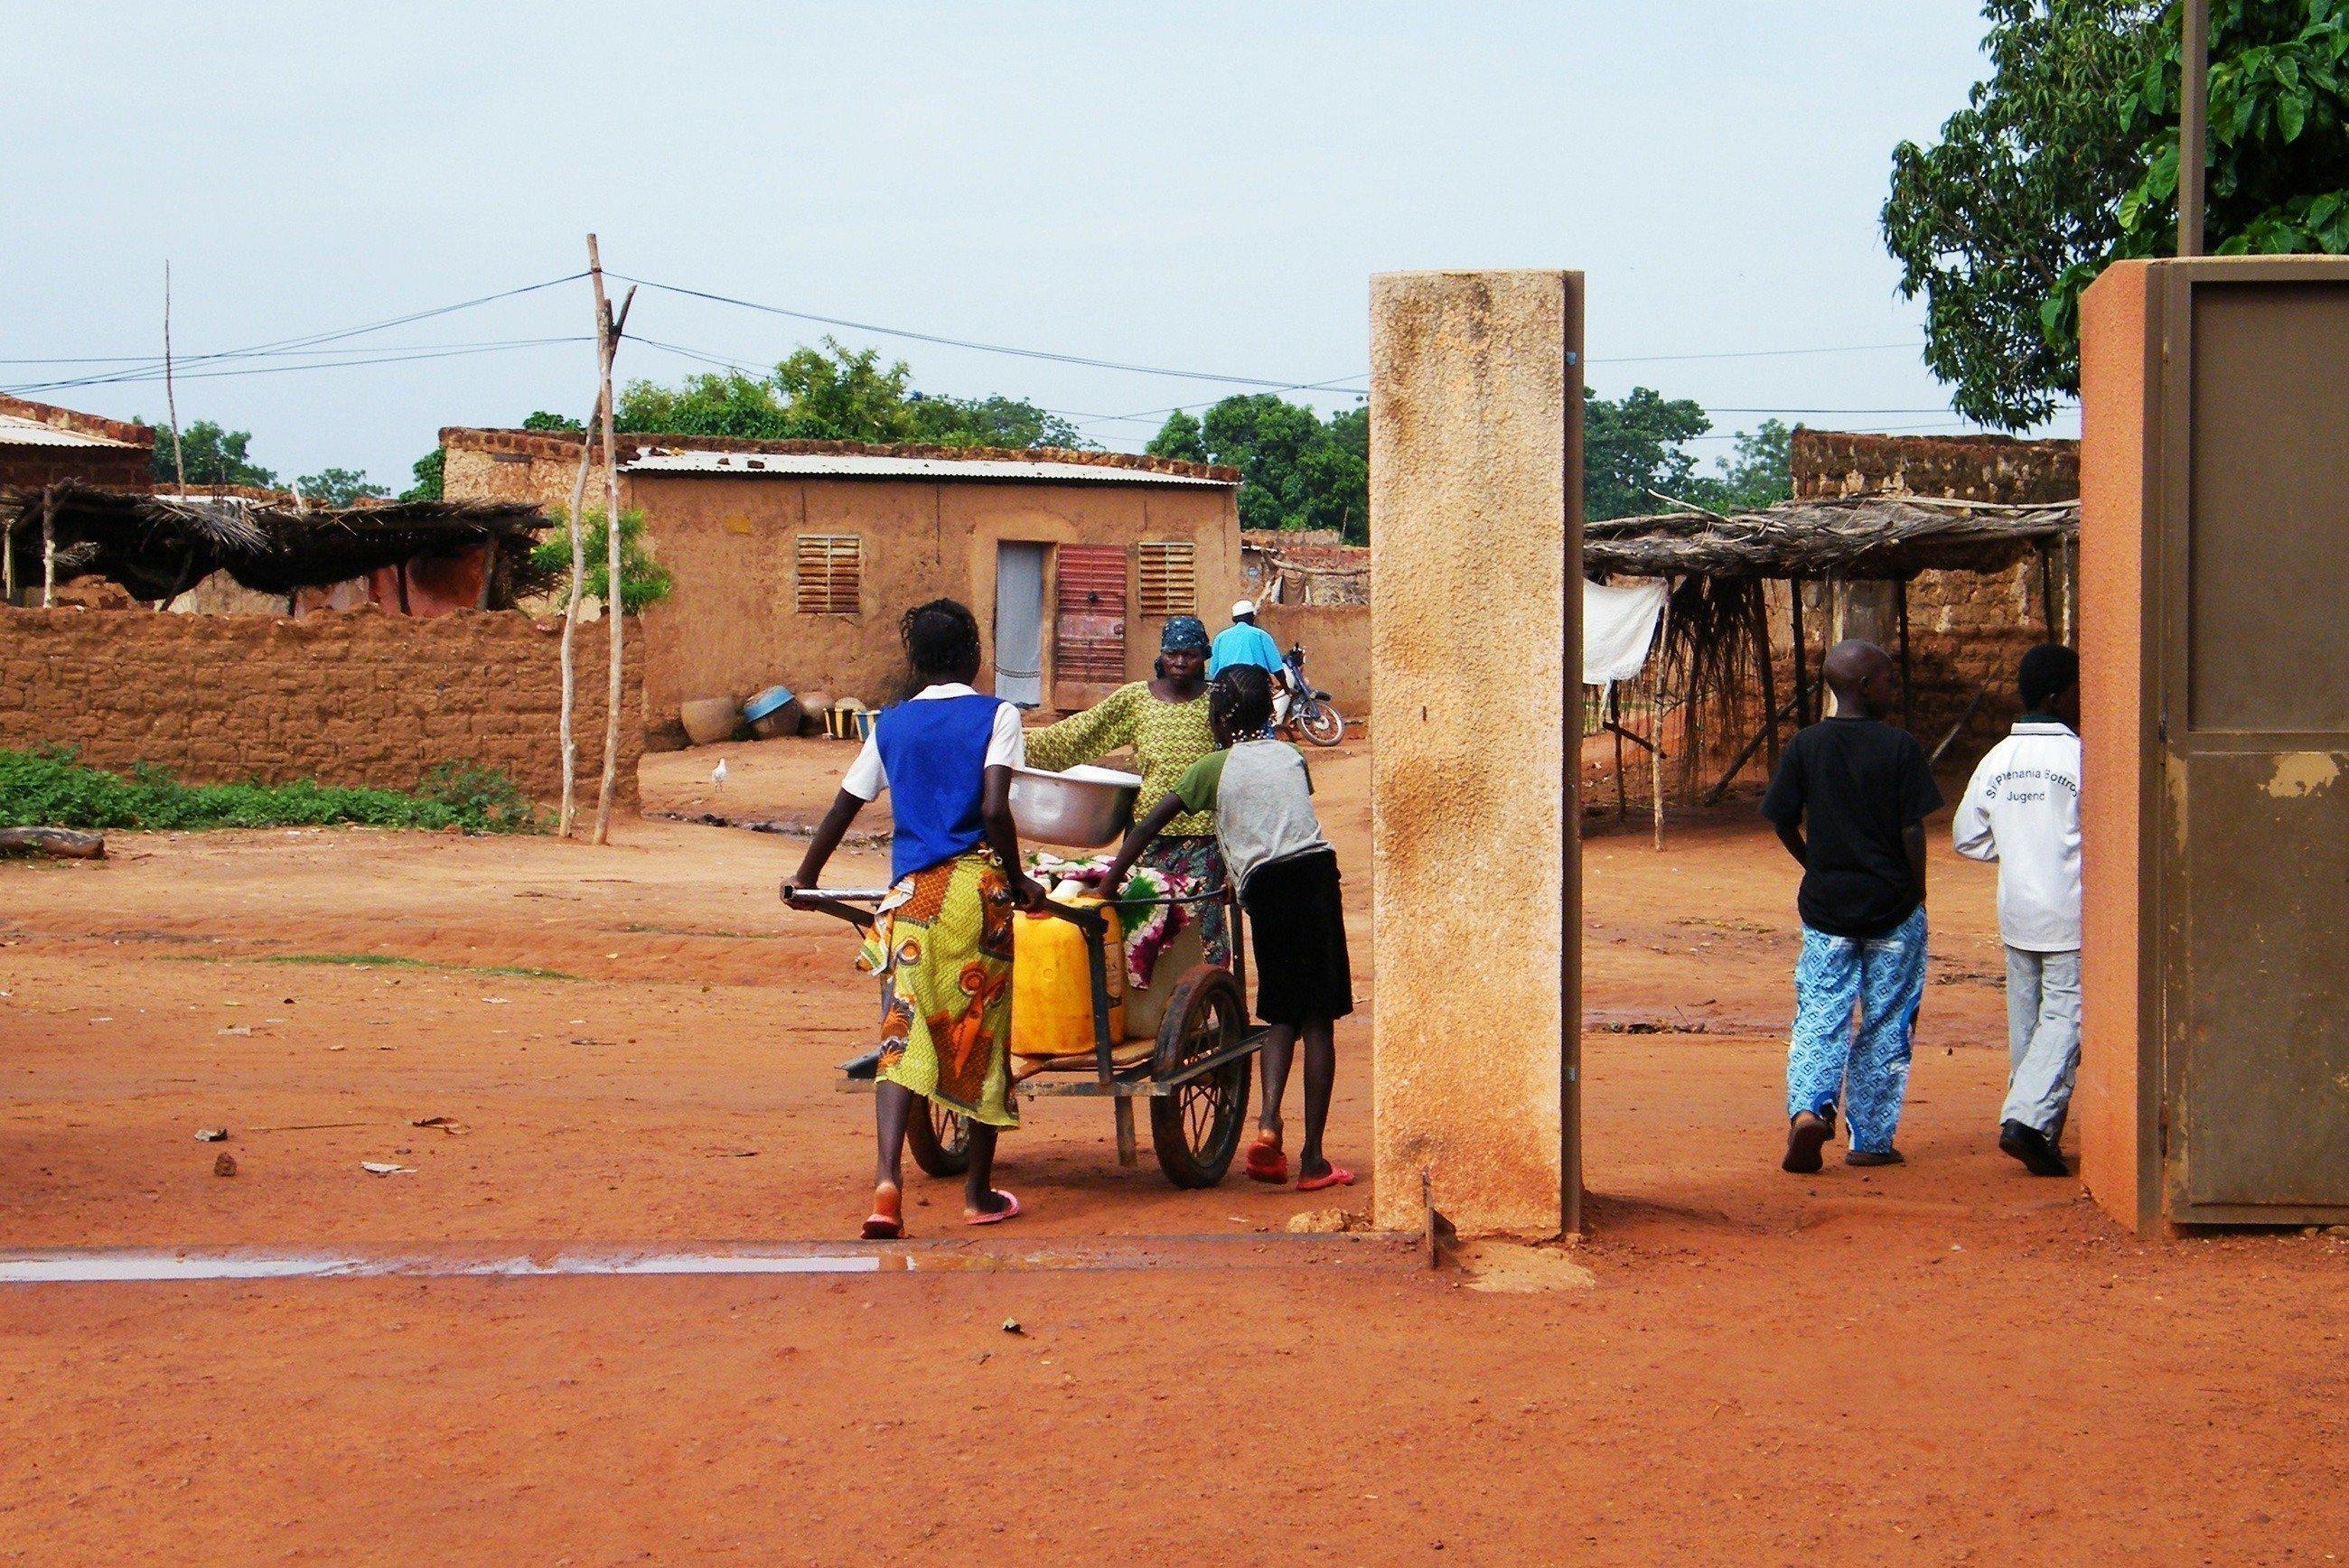 Menschen mit einem Handkarren an einer Wasserstation.